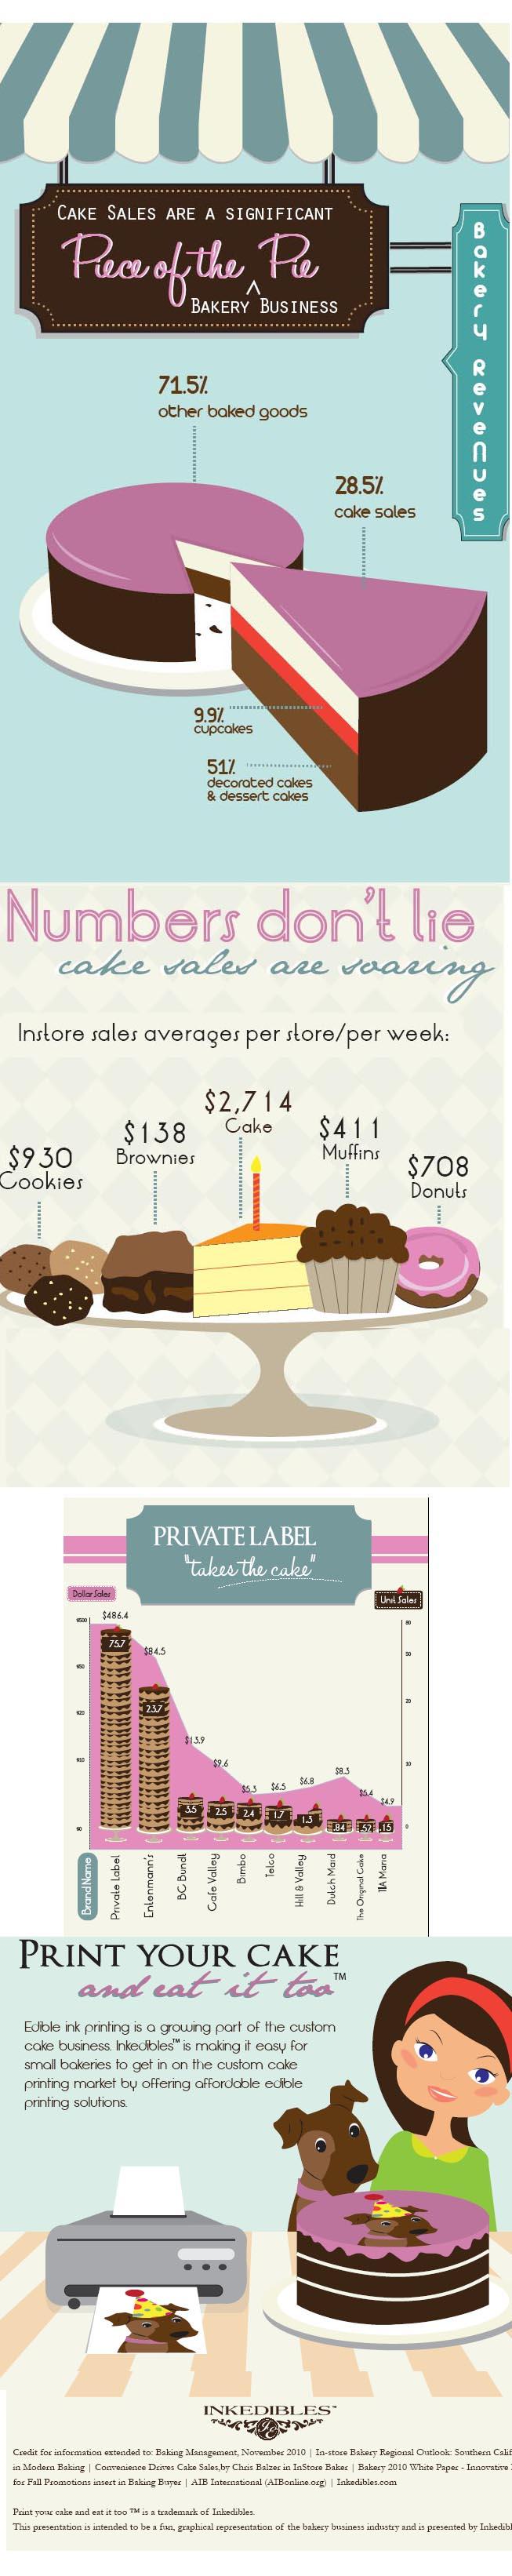 Cake Bake Shop Vegan